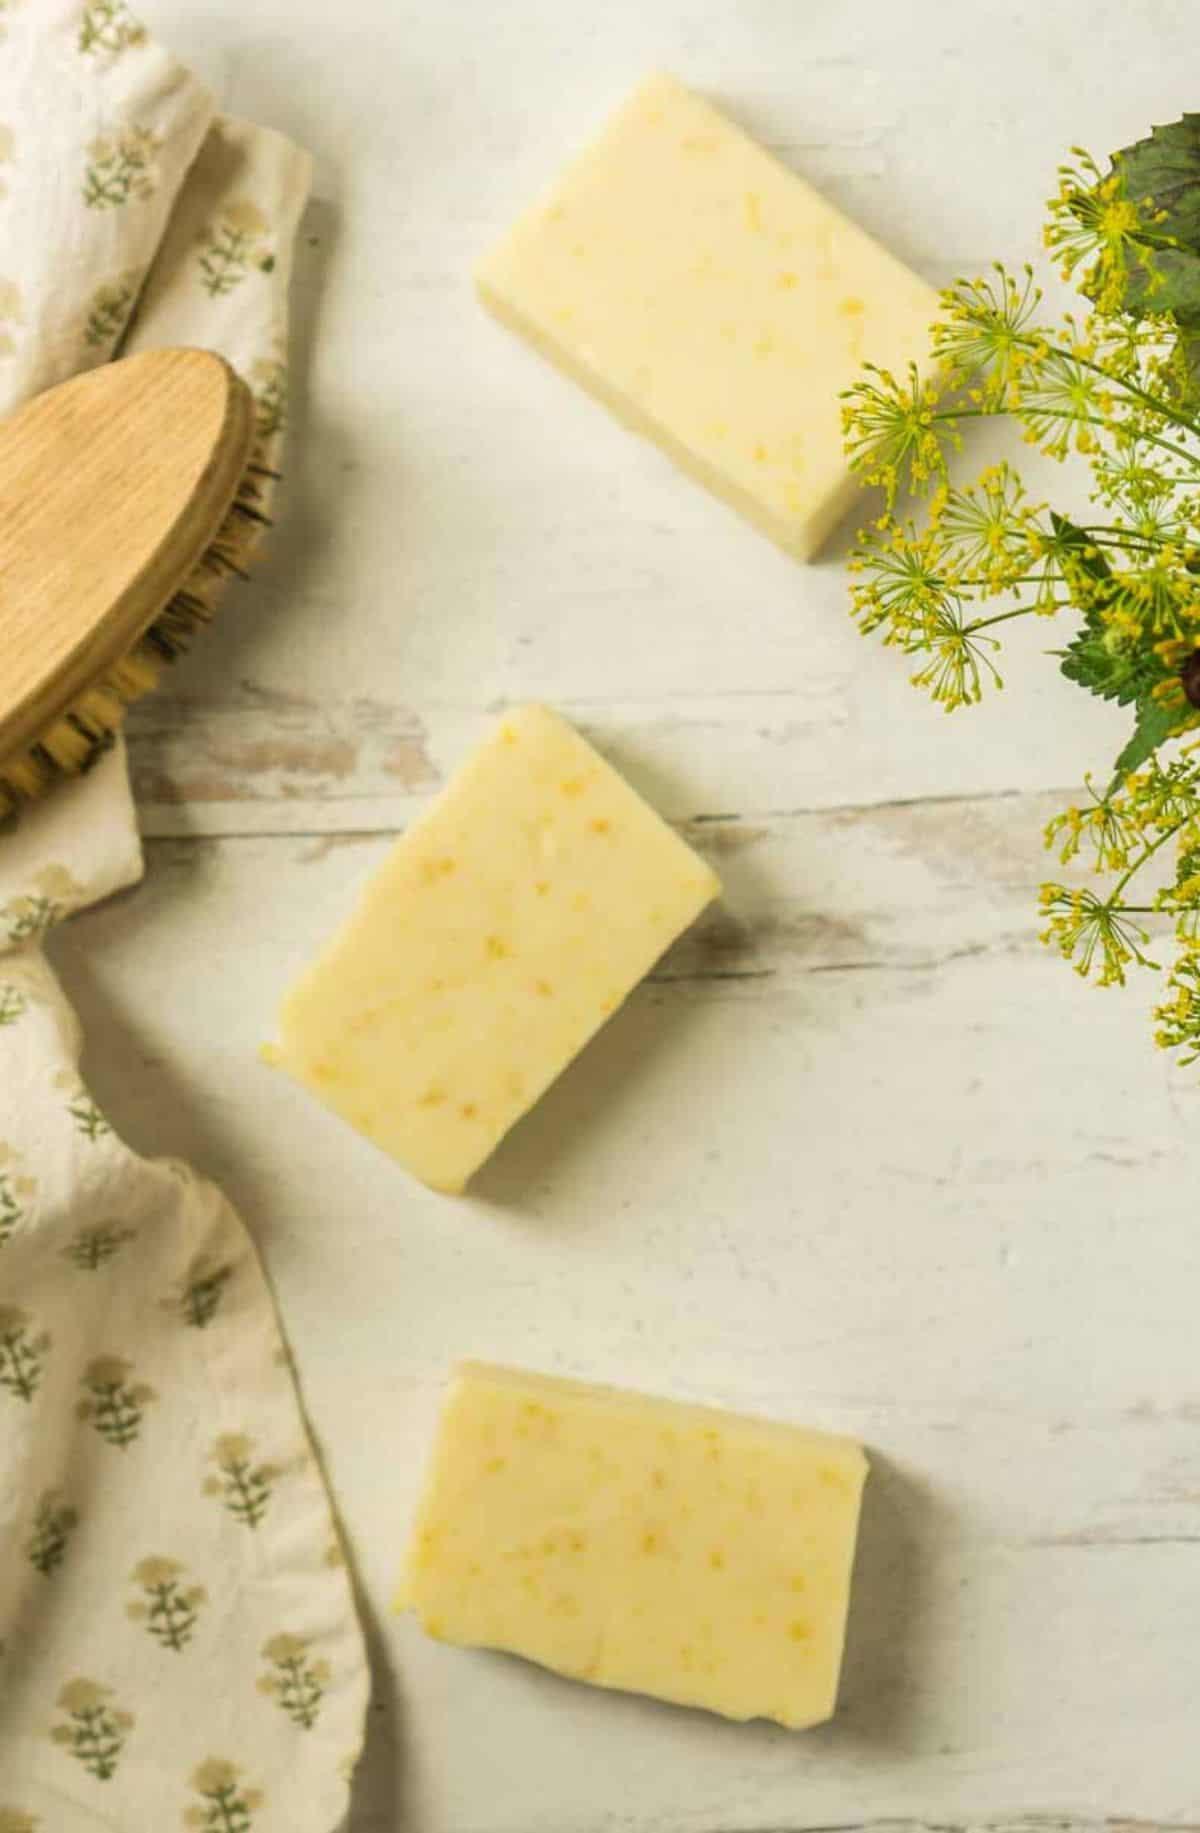 3 bars lemon zest soap on white background